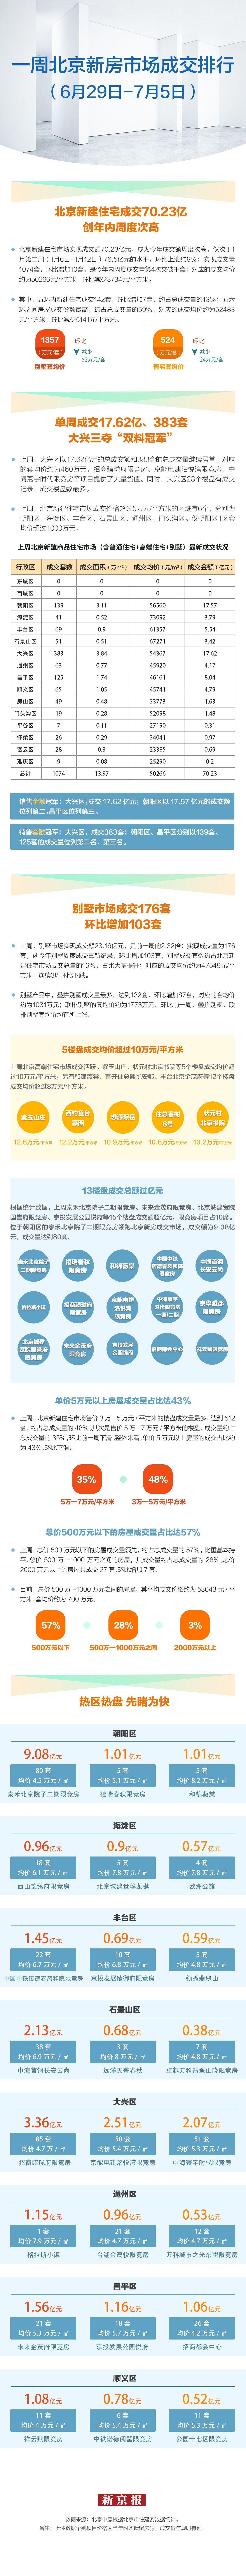 「杏悦」建住杏悦宅成交回升15个楼盘抢收过图片